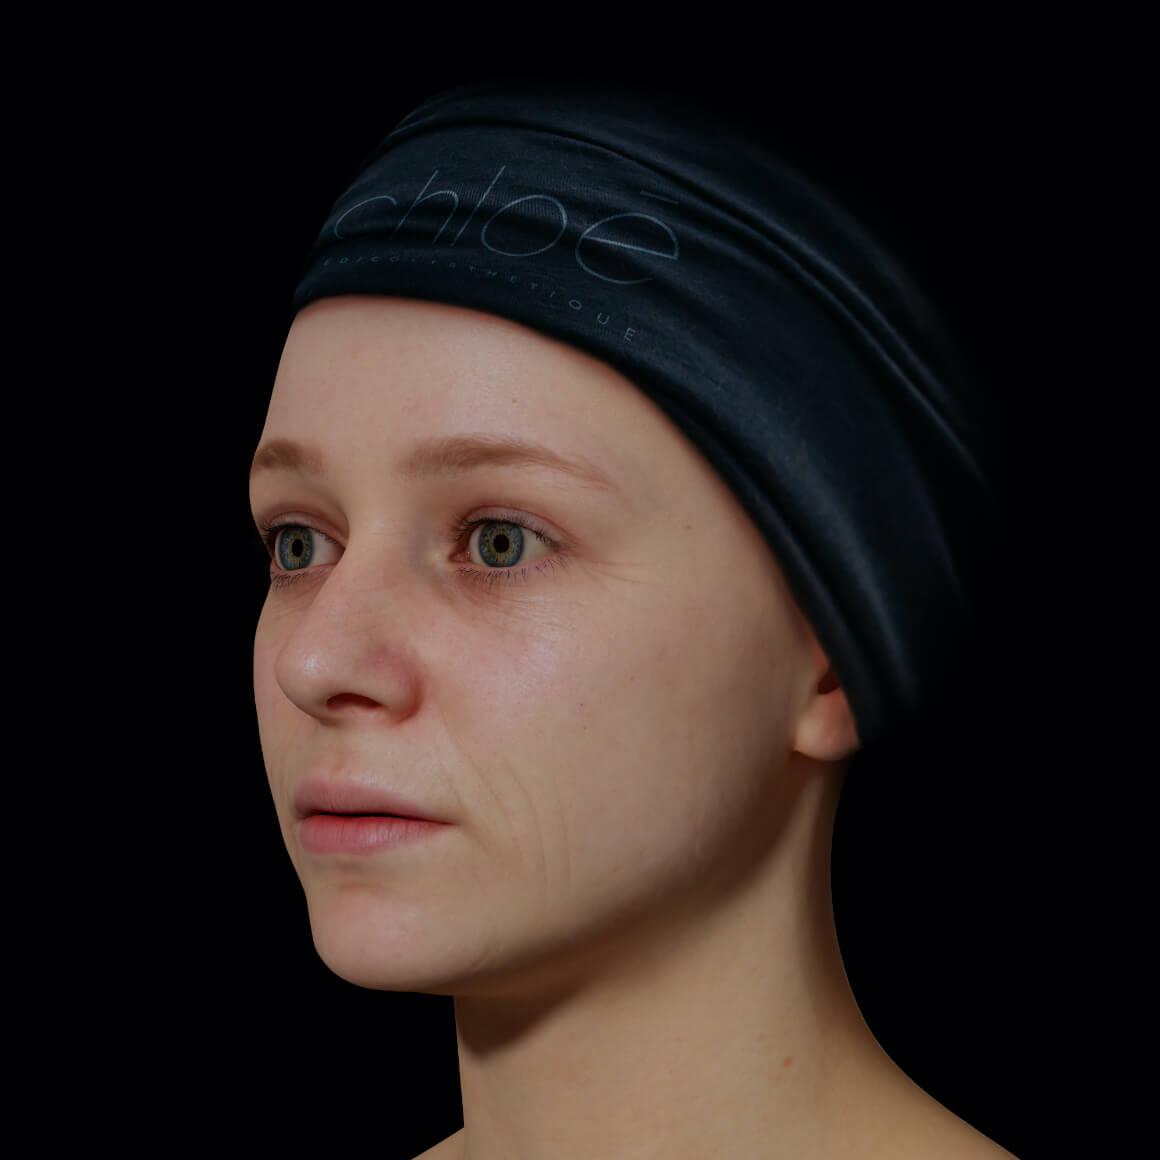 Jeune patiente de la Clinique Chloé positionnée en angle avec de fine ridules sur le visage